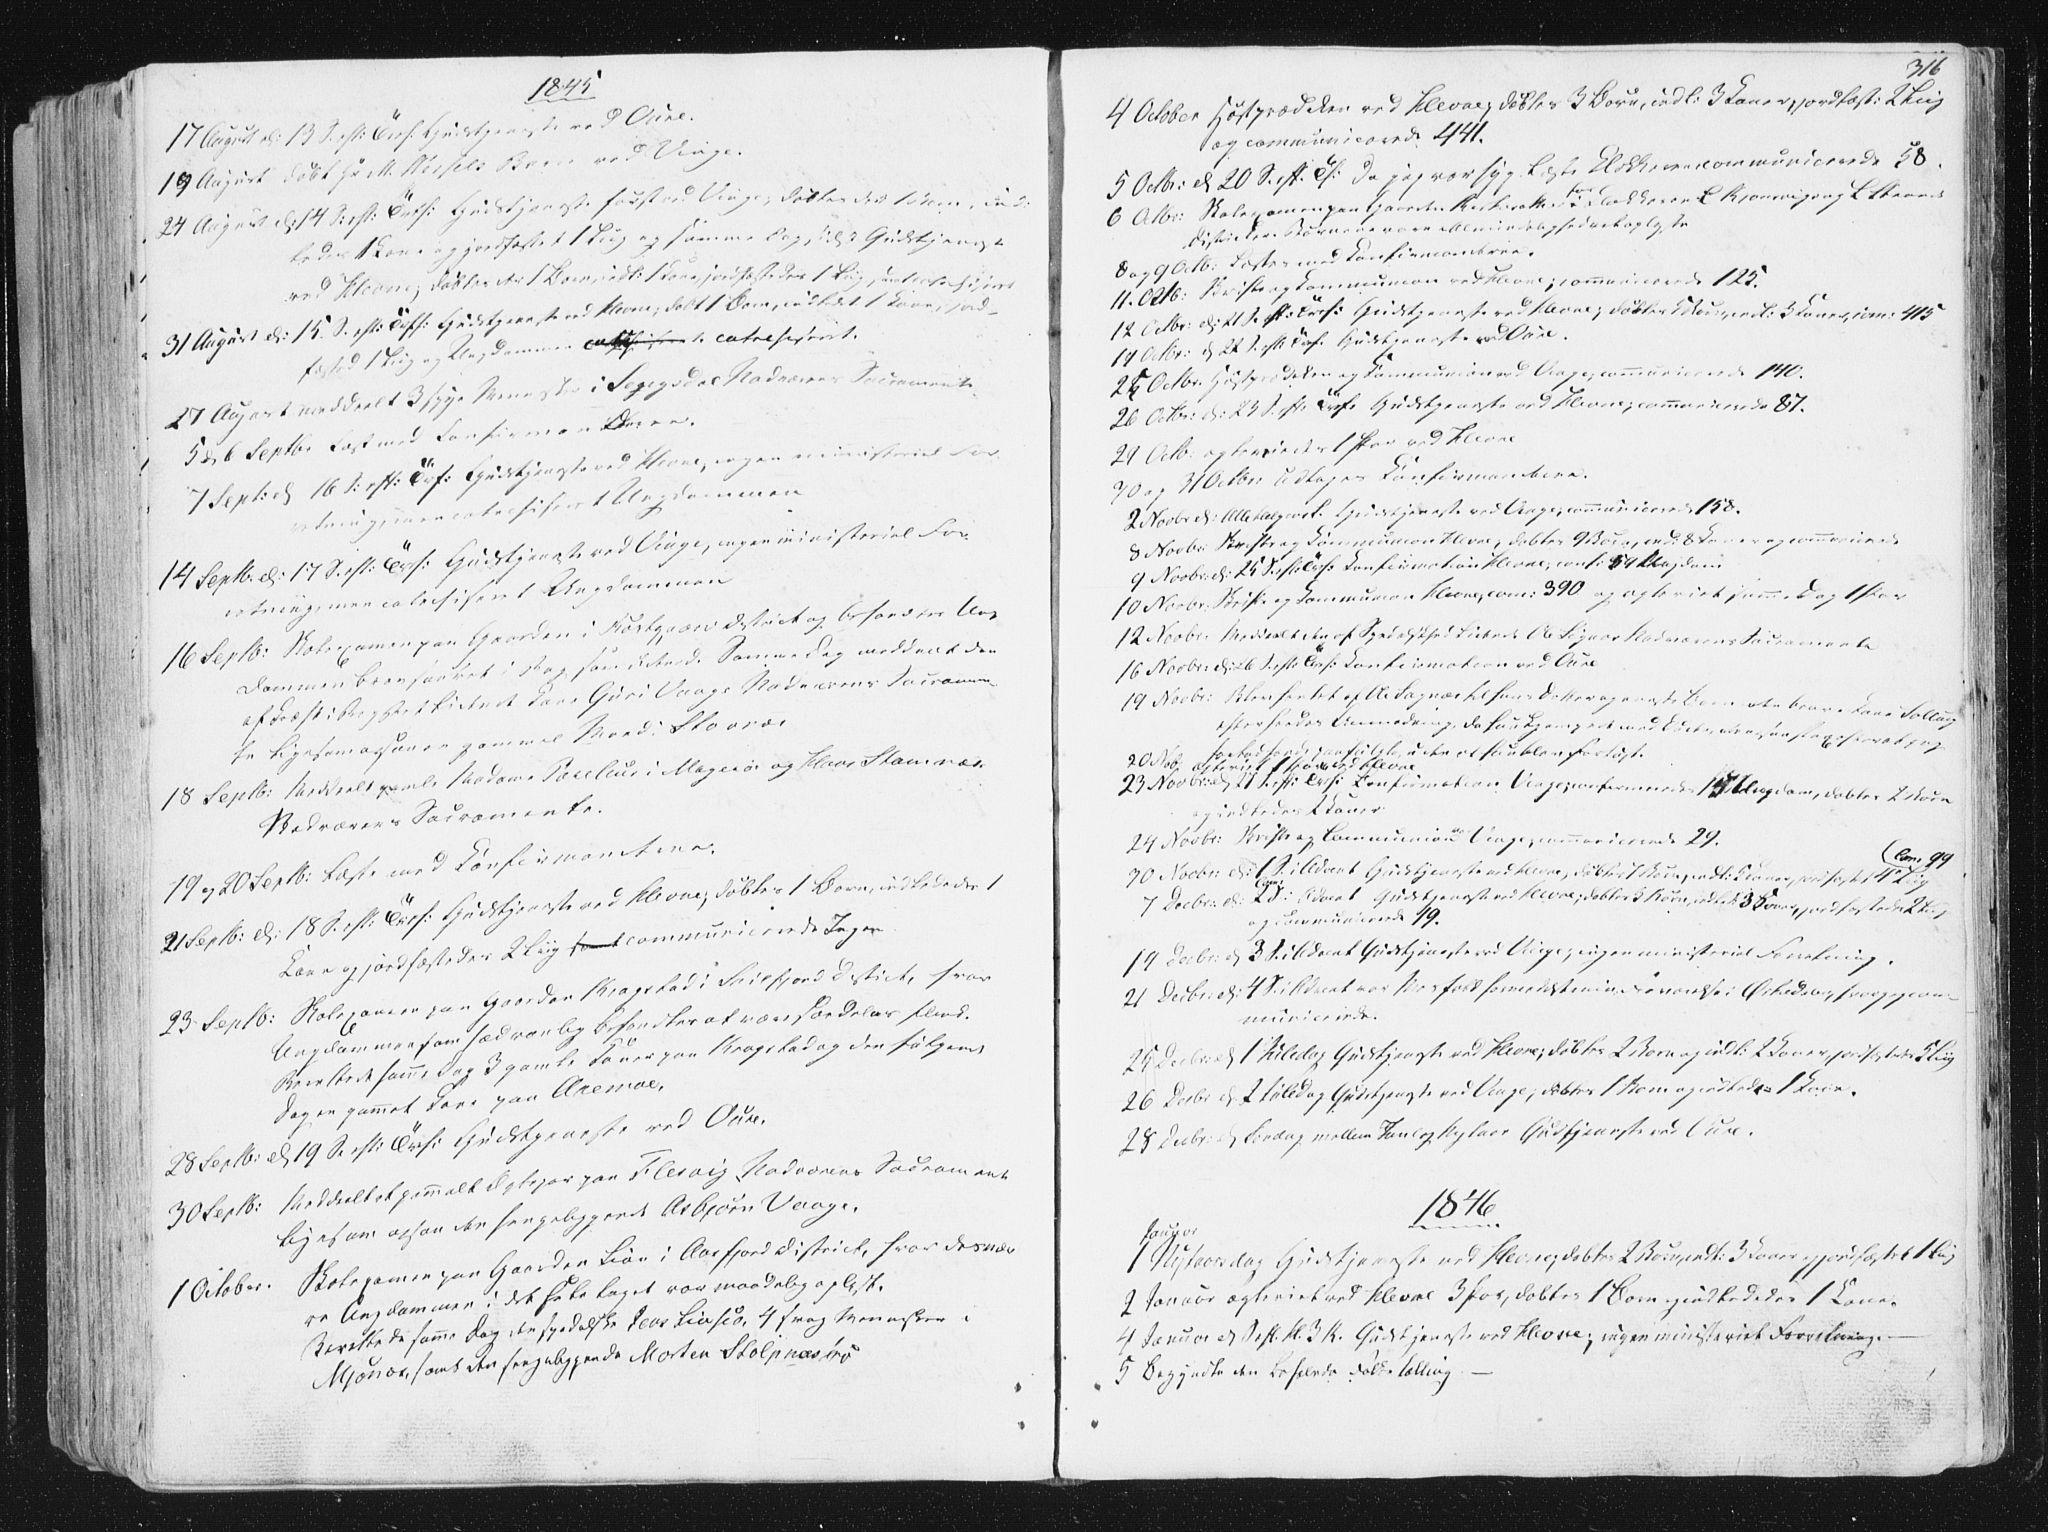 SAT, Ministerialprotokoller, klokkerbøker og fødselsregistre - Sør-Trøndelag, 630/L0493: Ministerialbok nr. 630A06, 1841-1851, s. 316